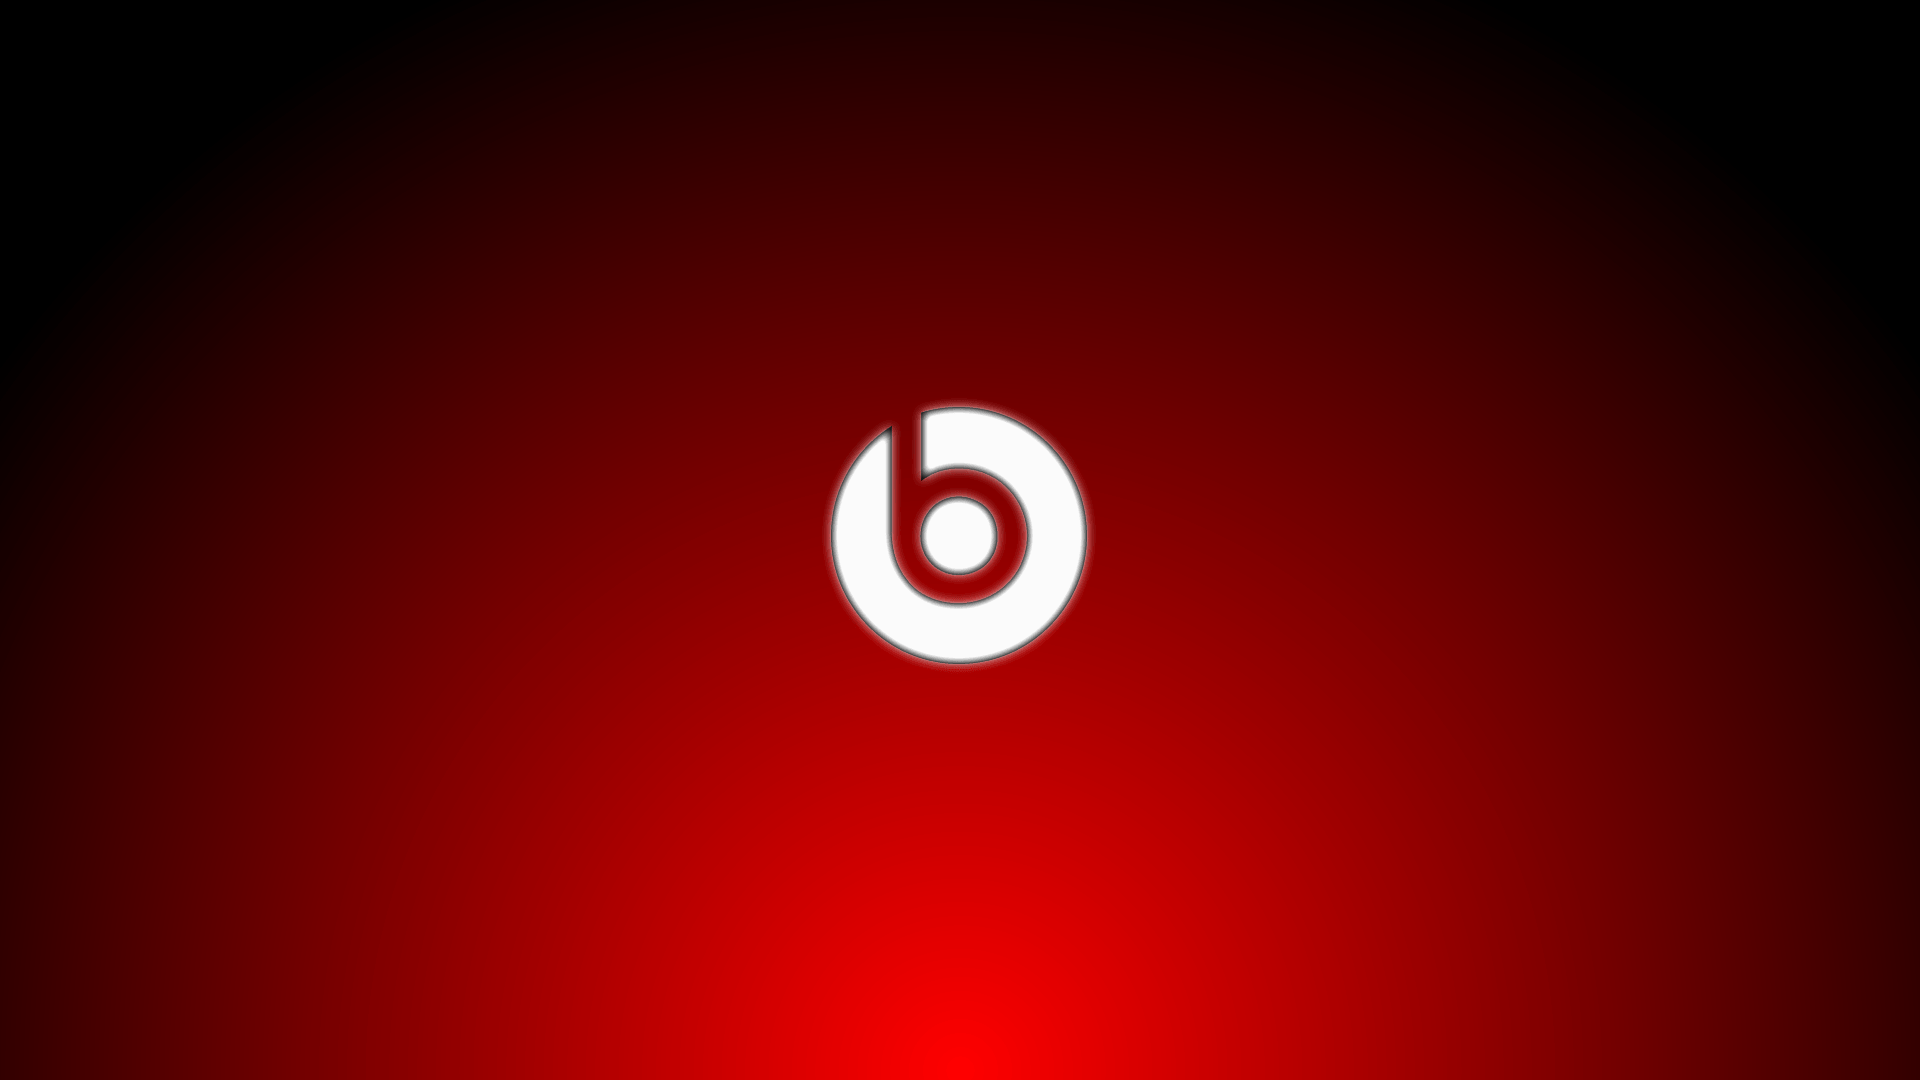 Beats By Dre Wallpaper